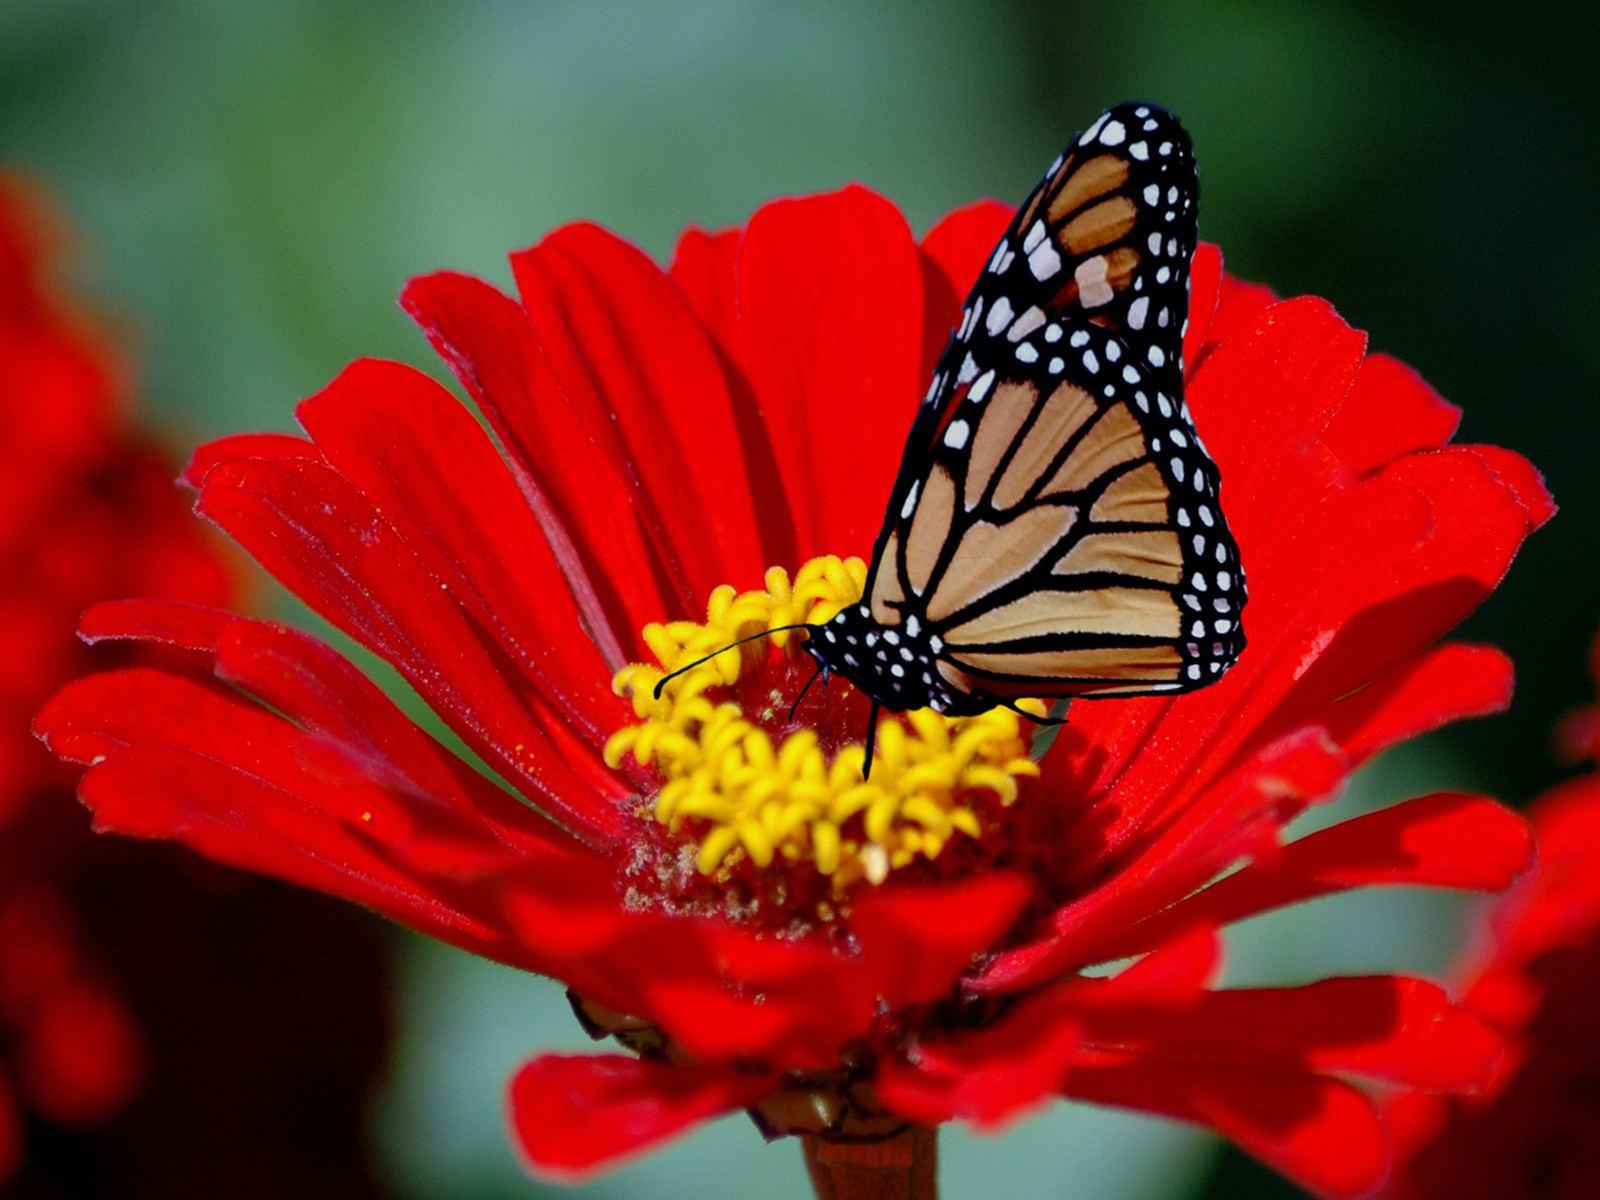 http://4.bp.blogspot.com/-HVw4Gu3DIJ8/Tl8T9rRwAHI/AAAAAAAAD1Q/f7aVSm8l88k/s1600/Butterfly%2Bon%2Ba%2BRed%2BFlower.jpg